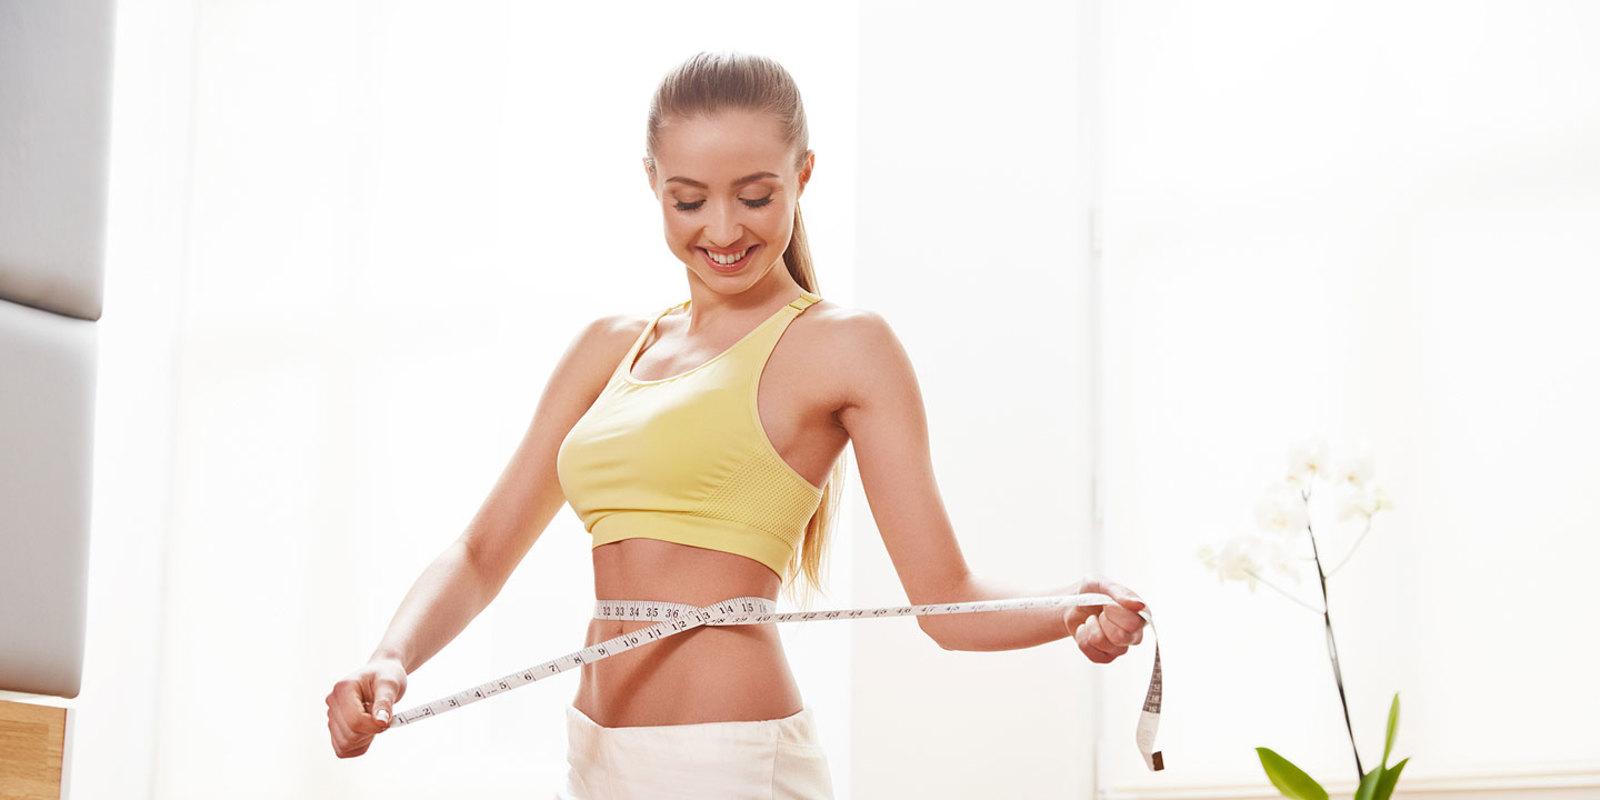 Сбросить Вес В Спортзале Женщине Программа